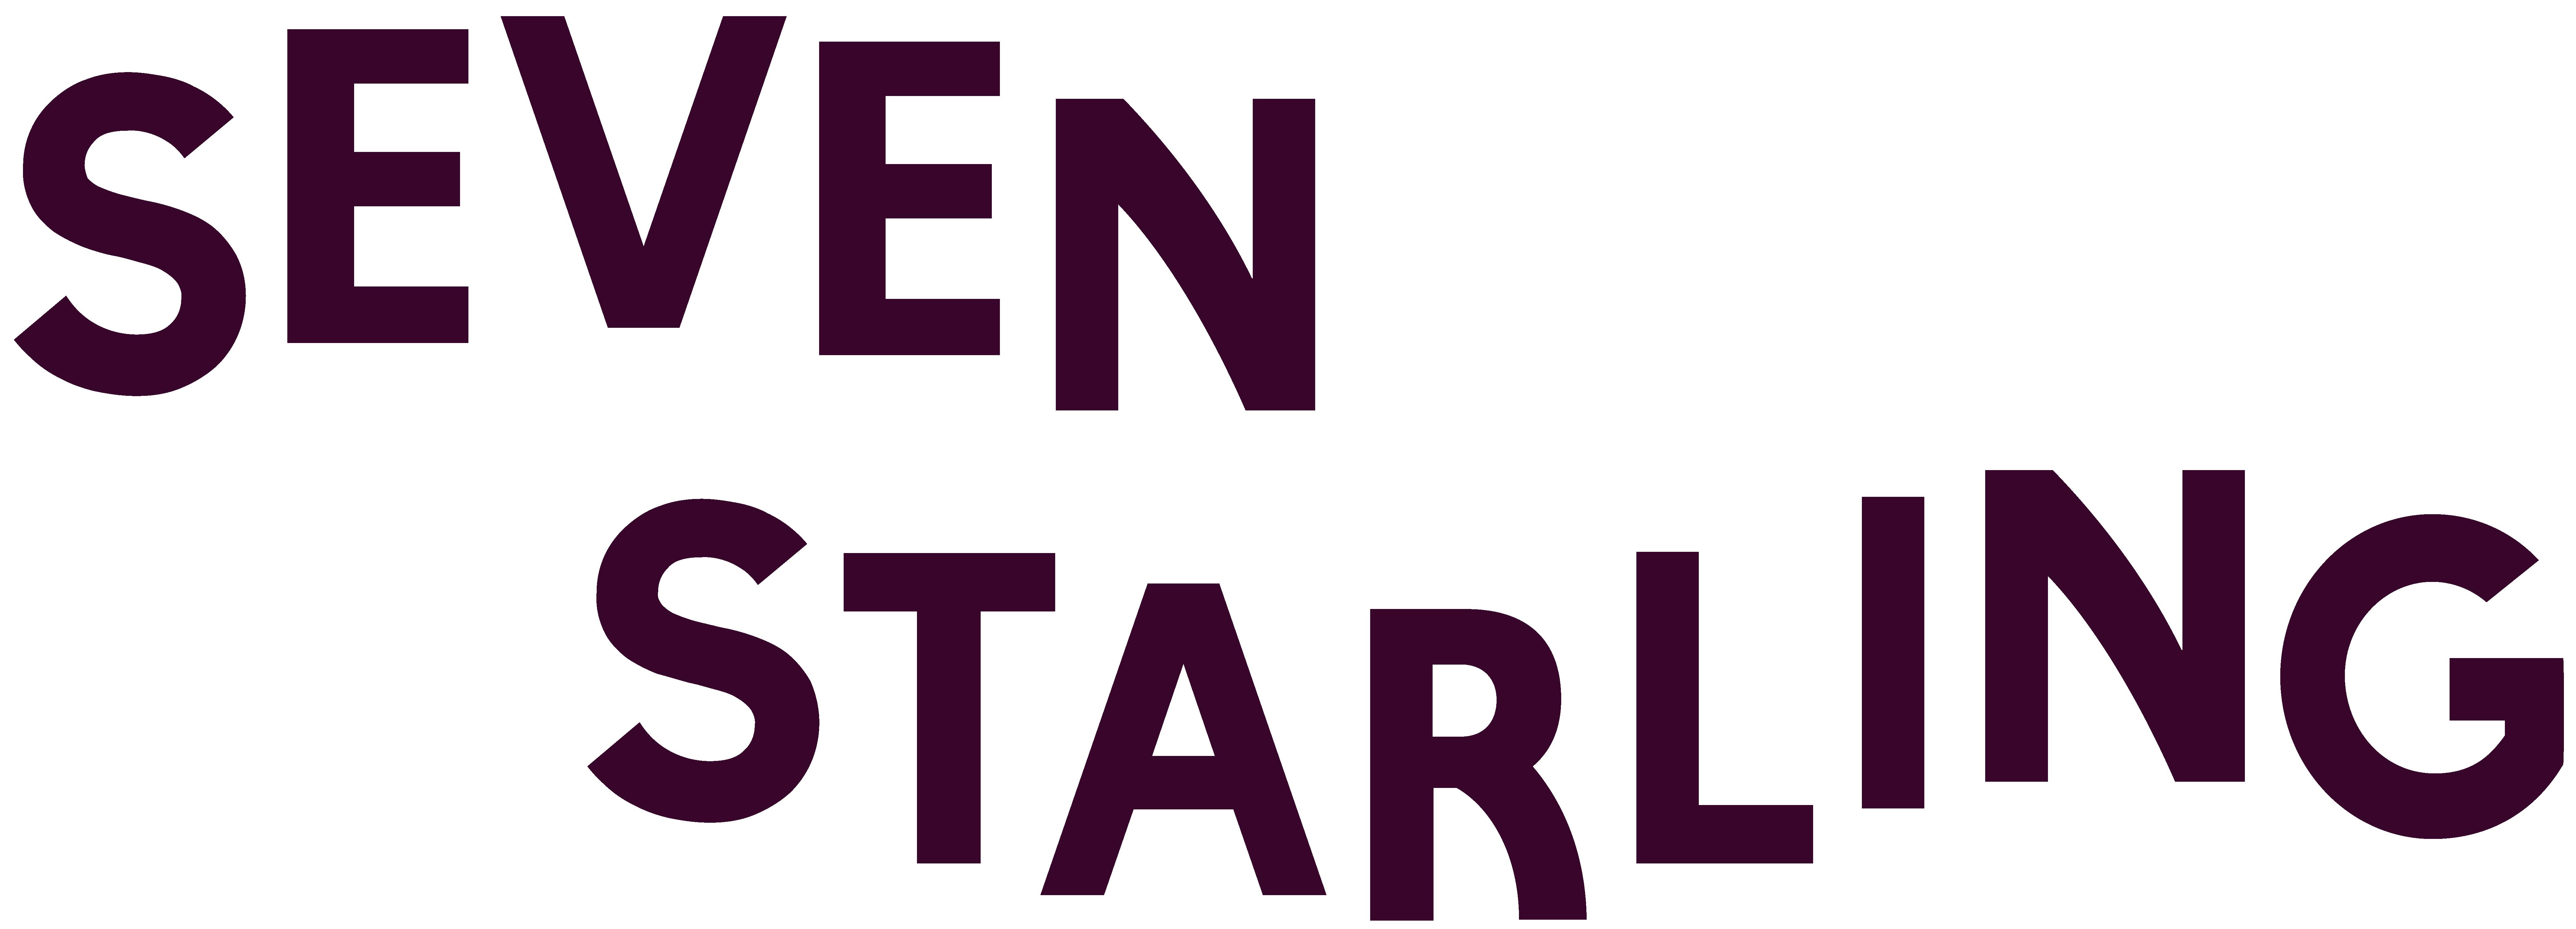 Seven Starling logo